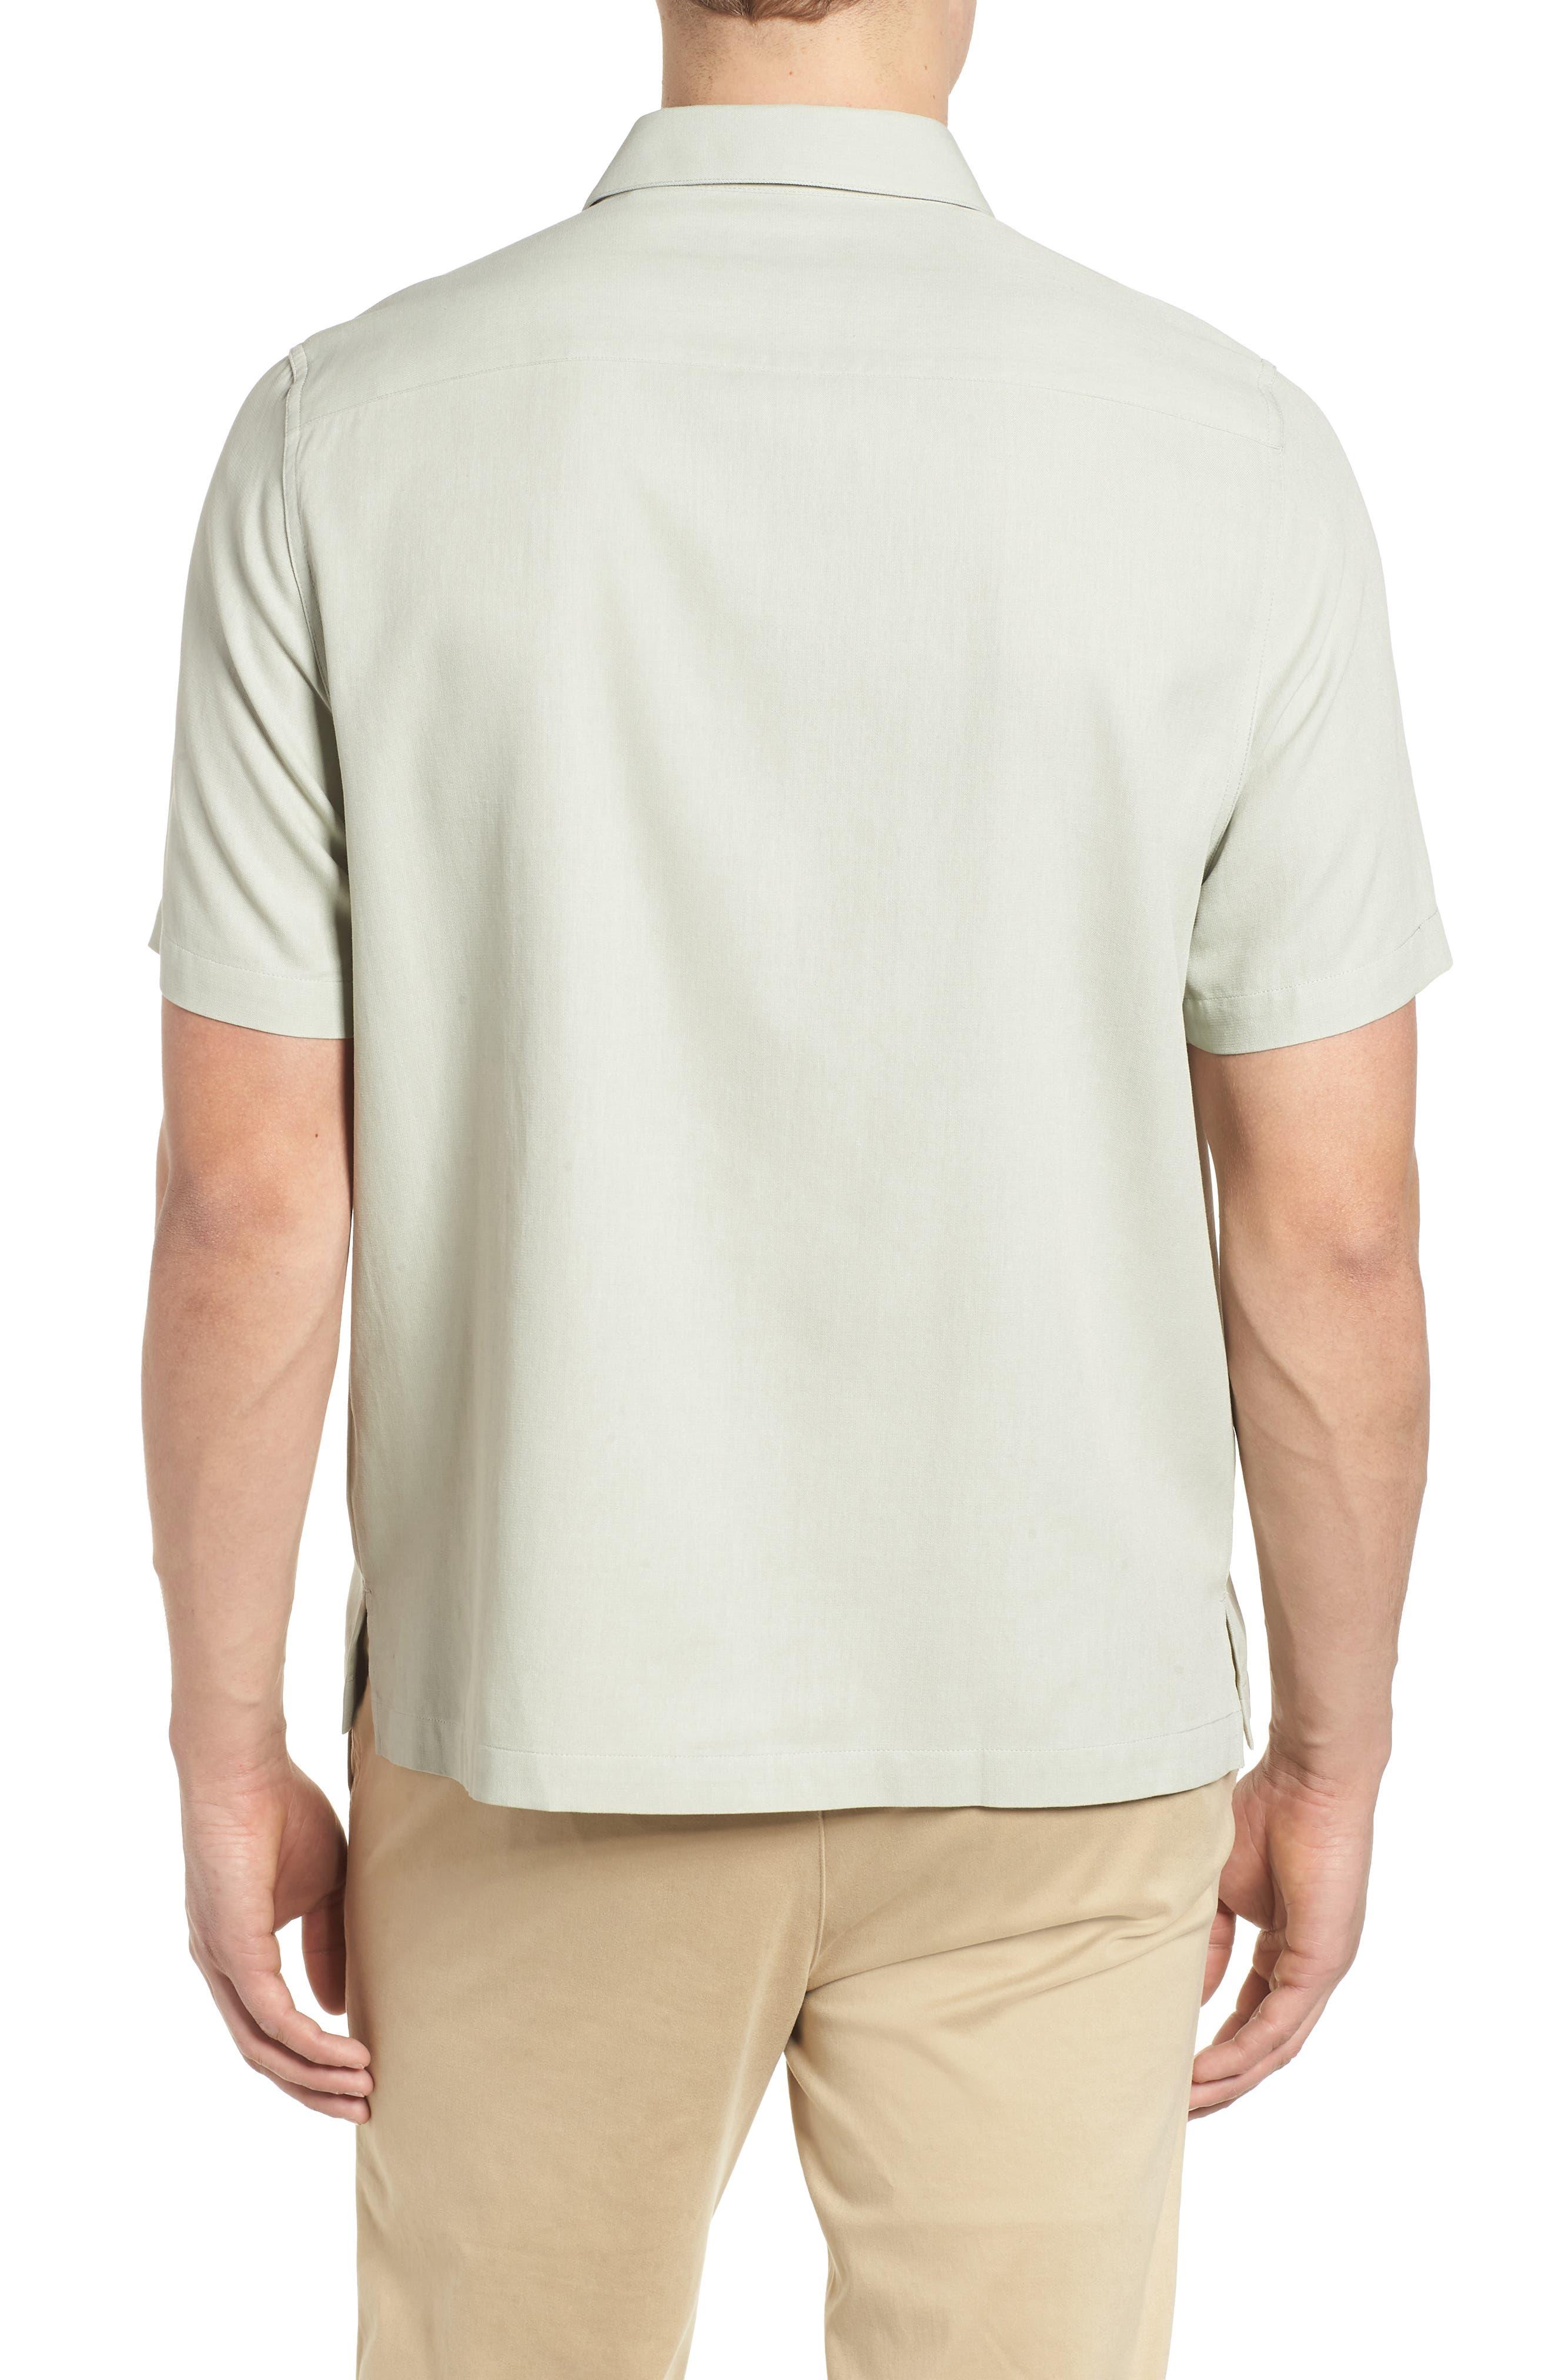 La Fleur Camp Shirt,                             Alternate thumbnail 2, color,                             Carbon